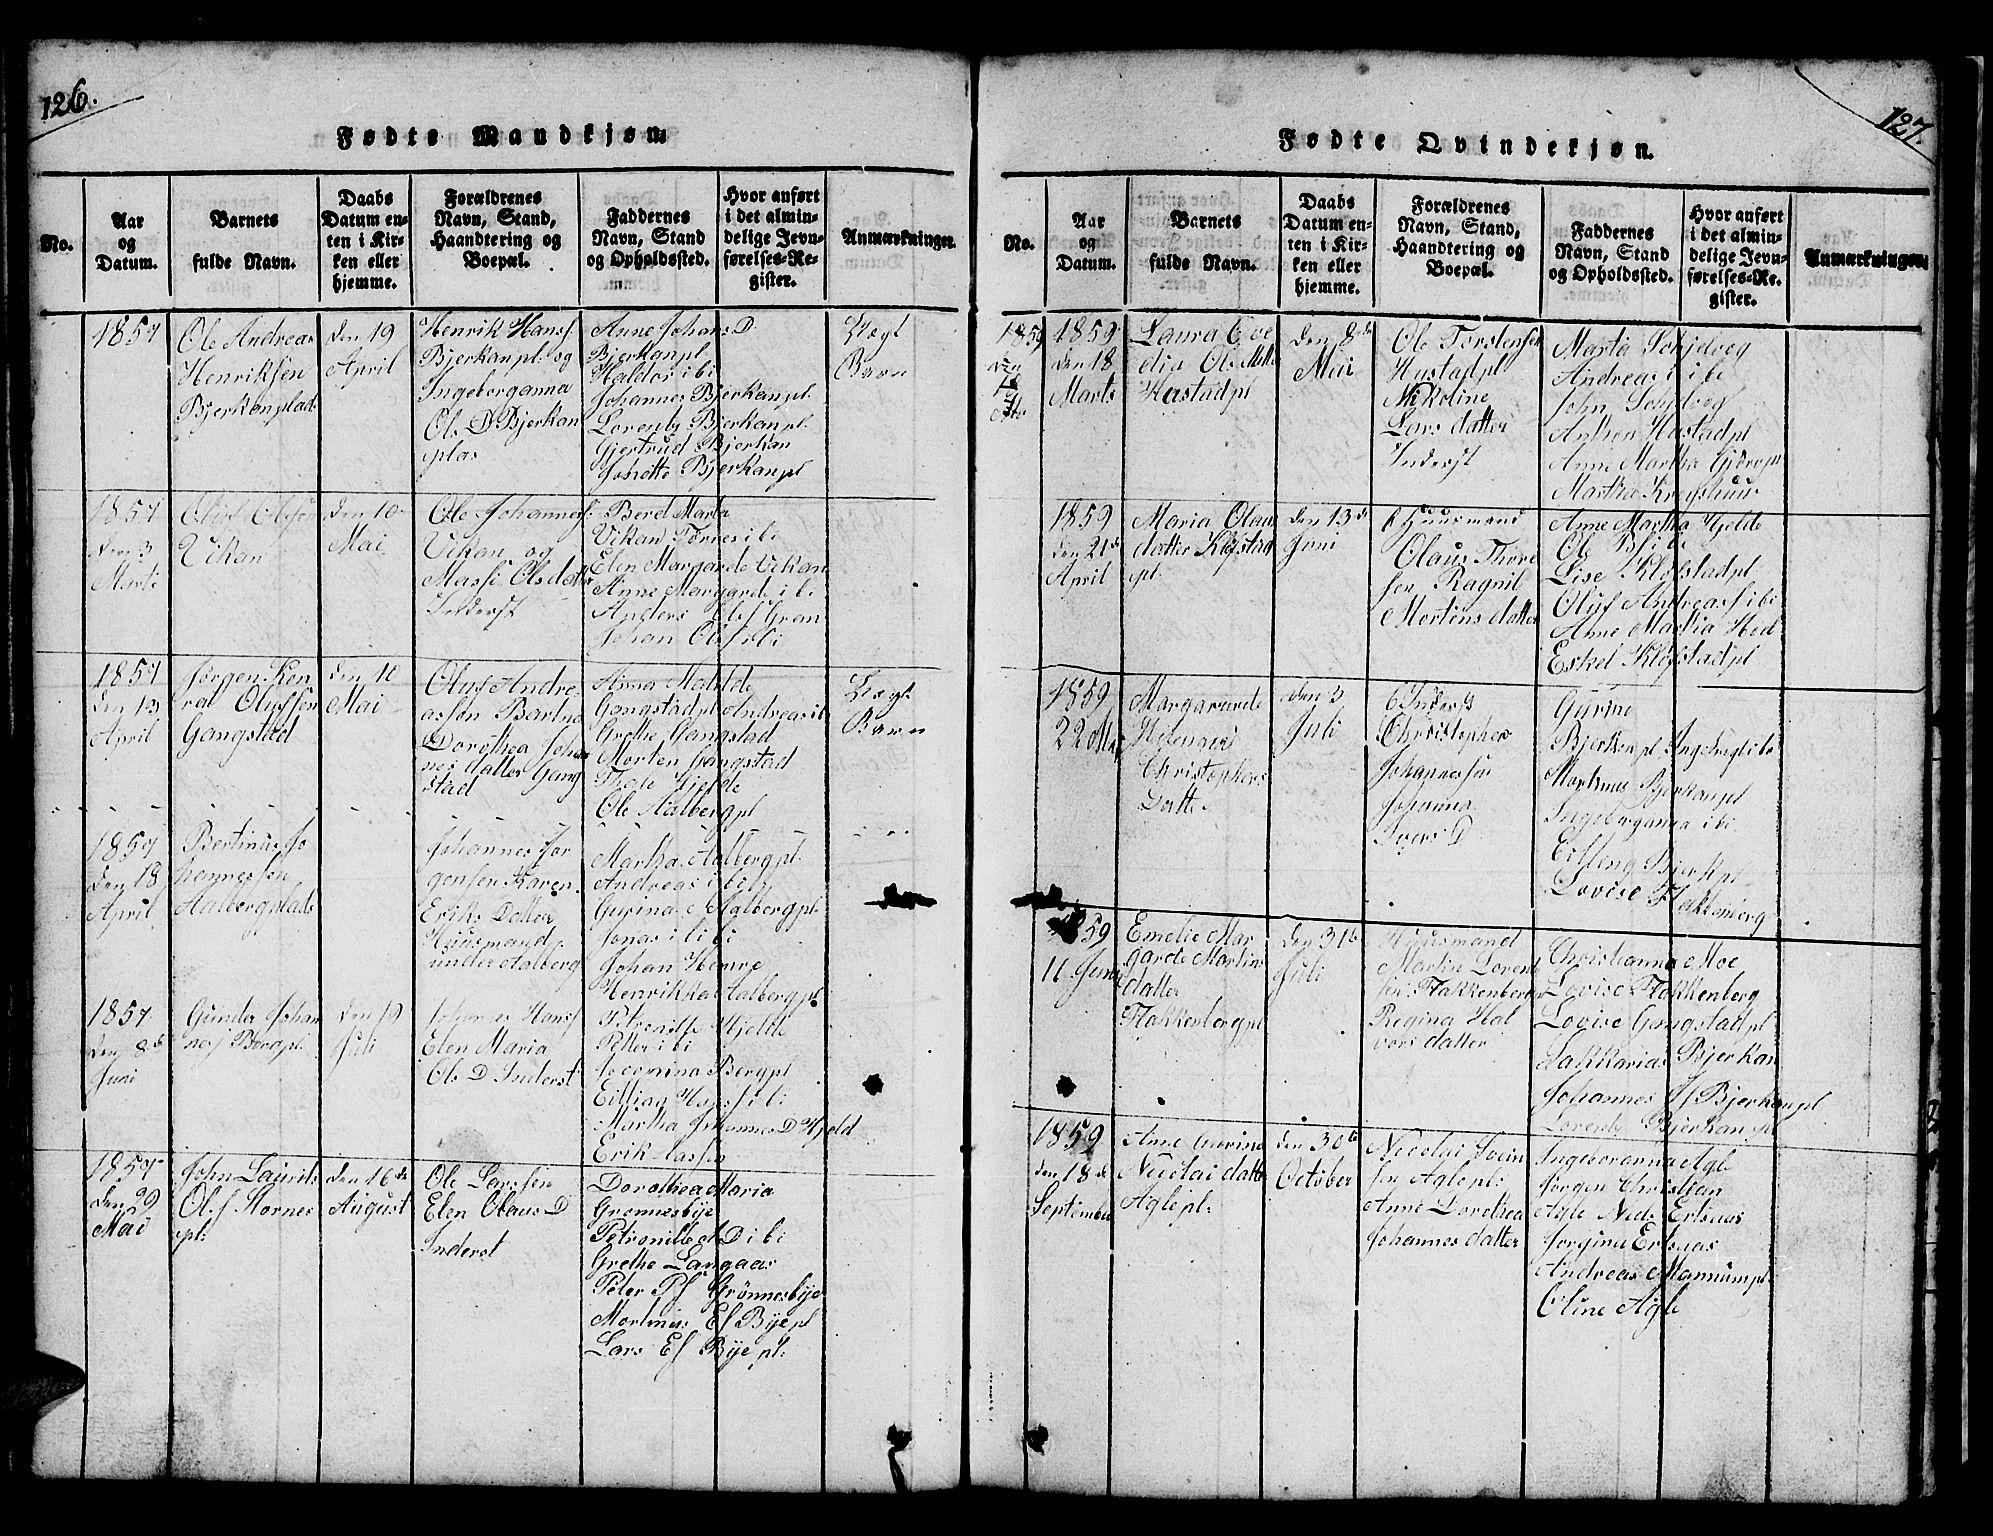 SAT, Ministerialprotokoller, klokkerbøker og fødselsregistre - Nord-Trøndelag, 732/L0317: Klokkerbok nr. 732C01, 1816-1881, s. 126-127